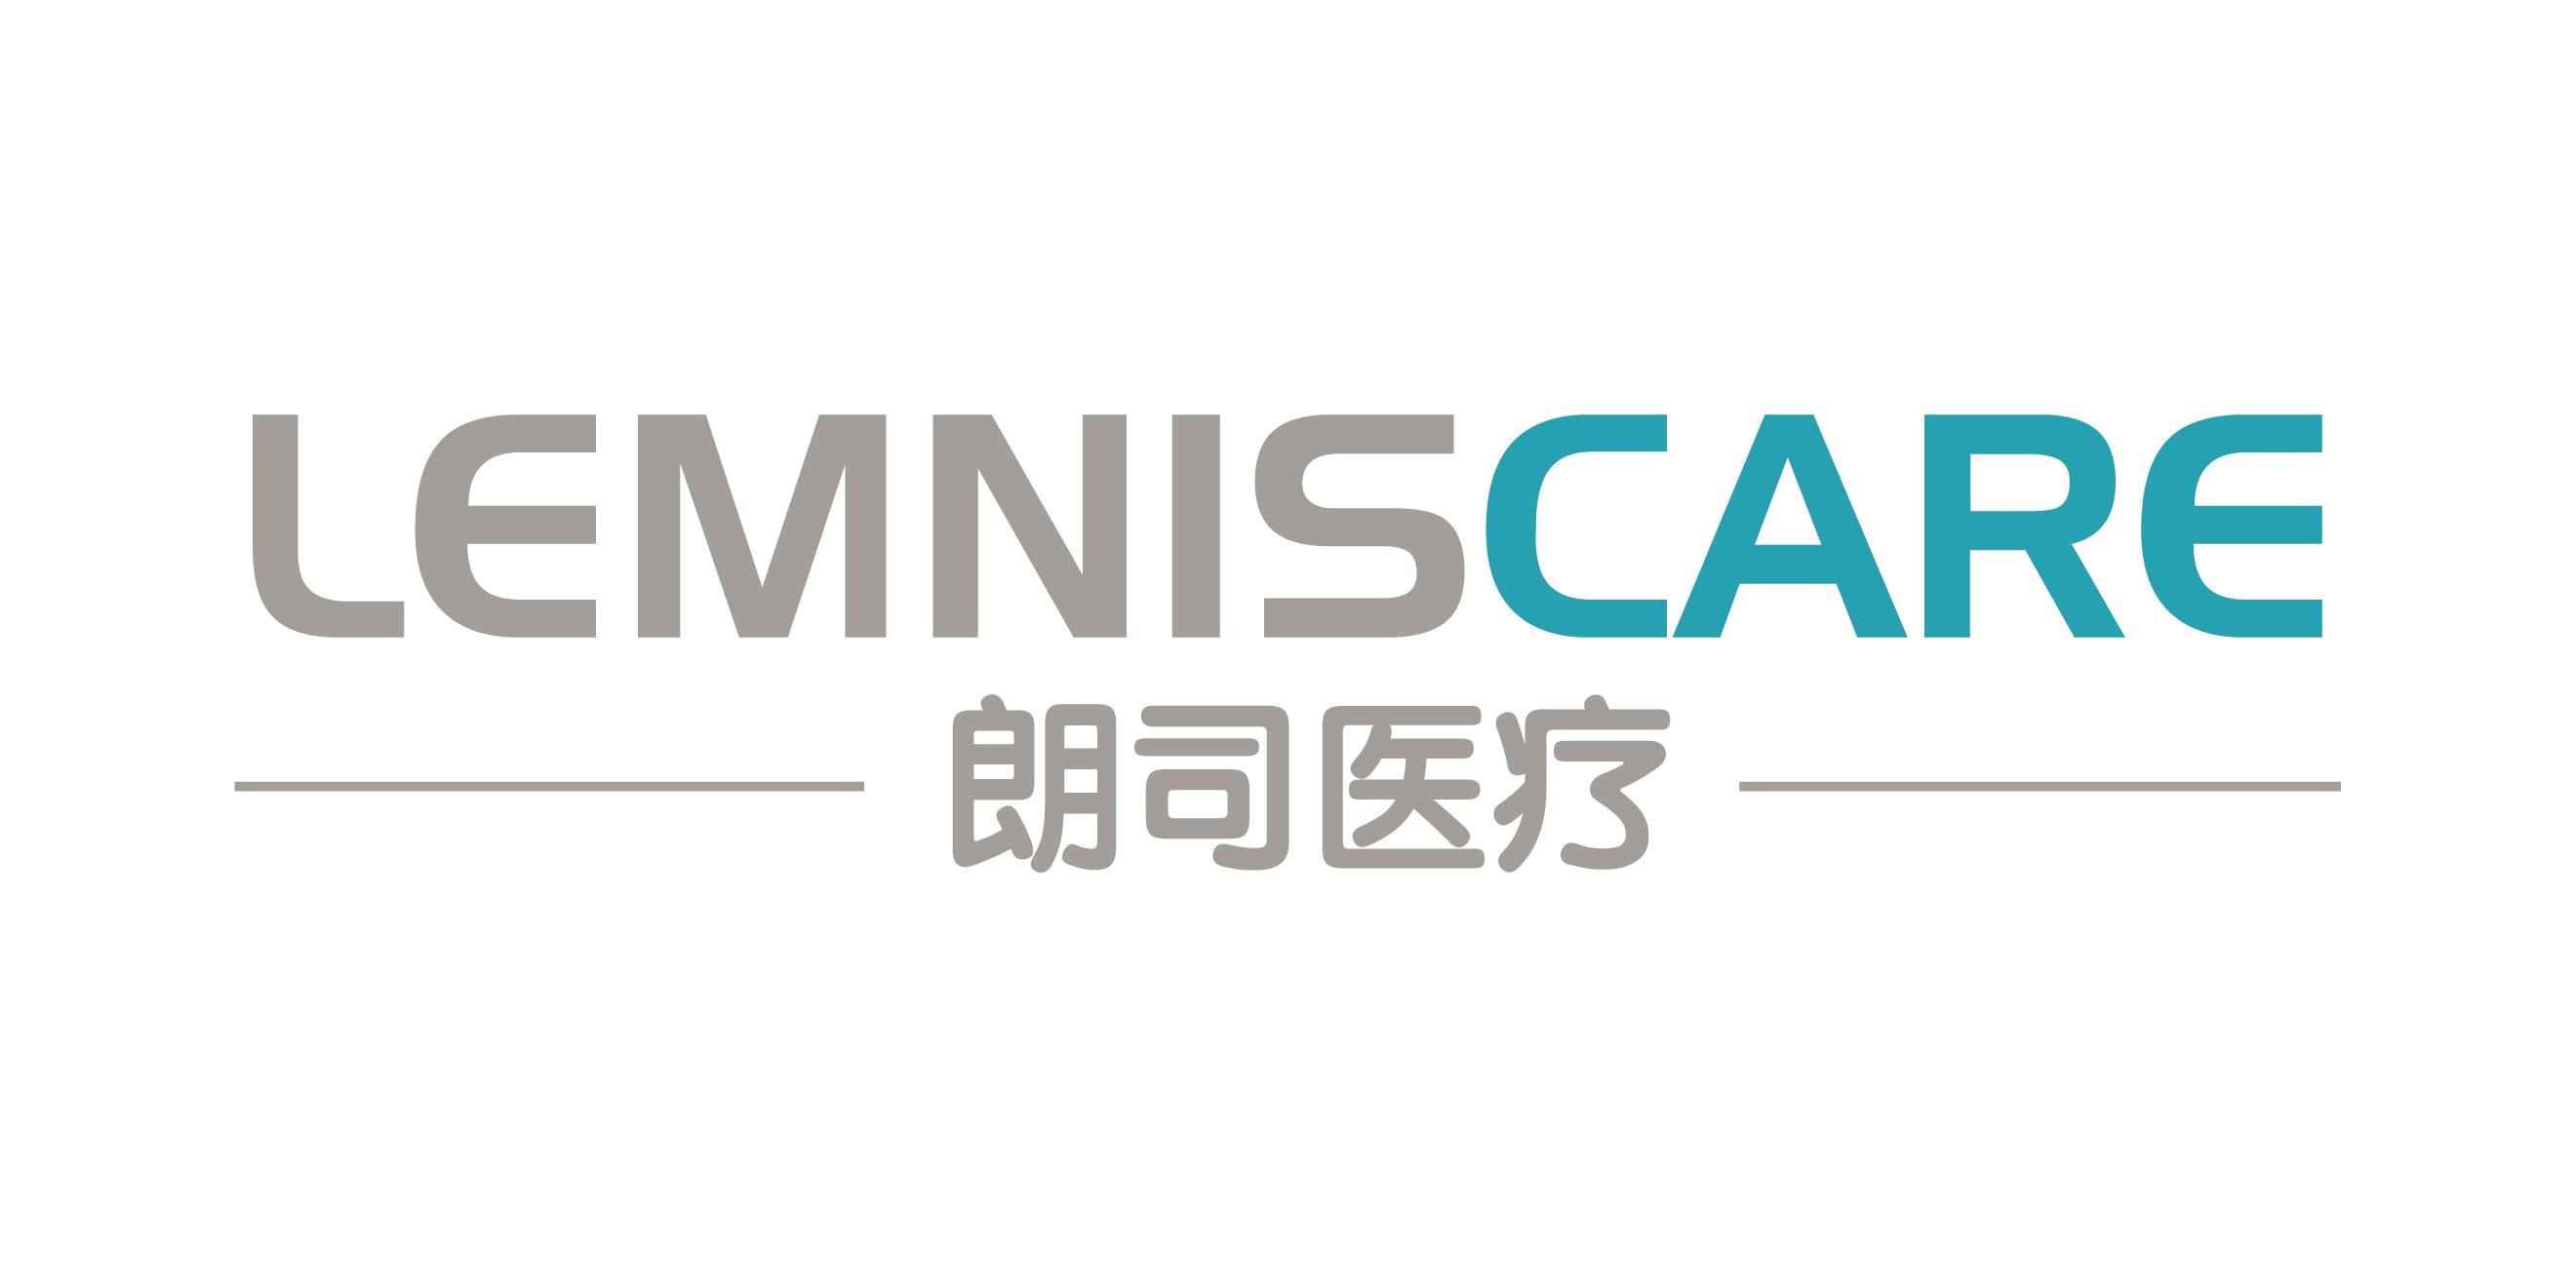 深圳市朗司医疗科技有限公司